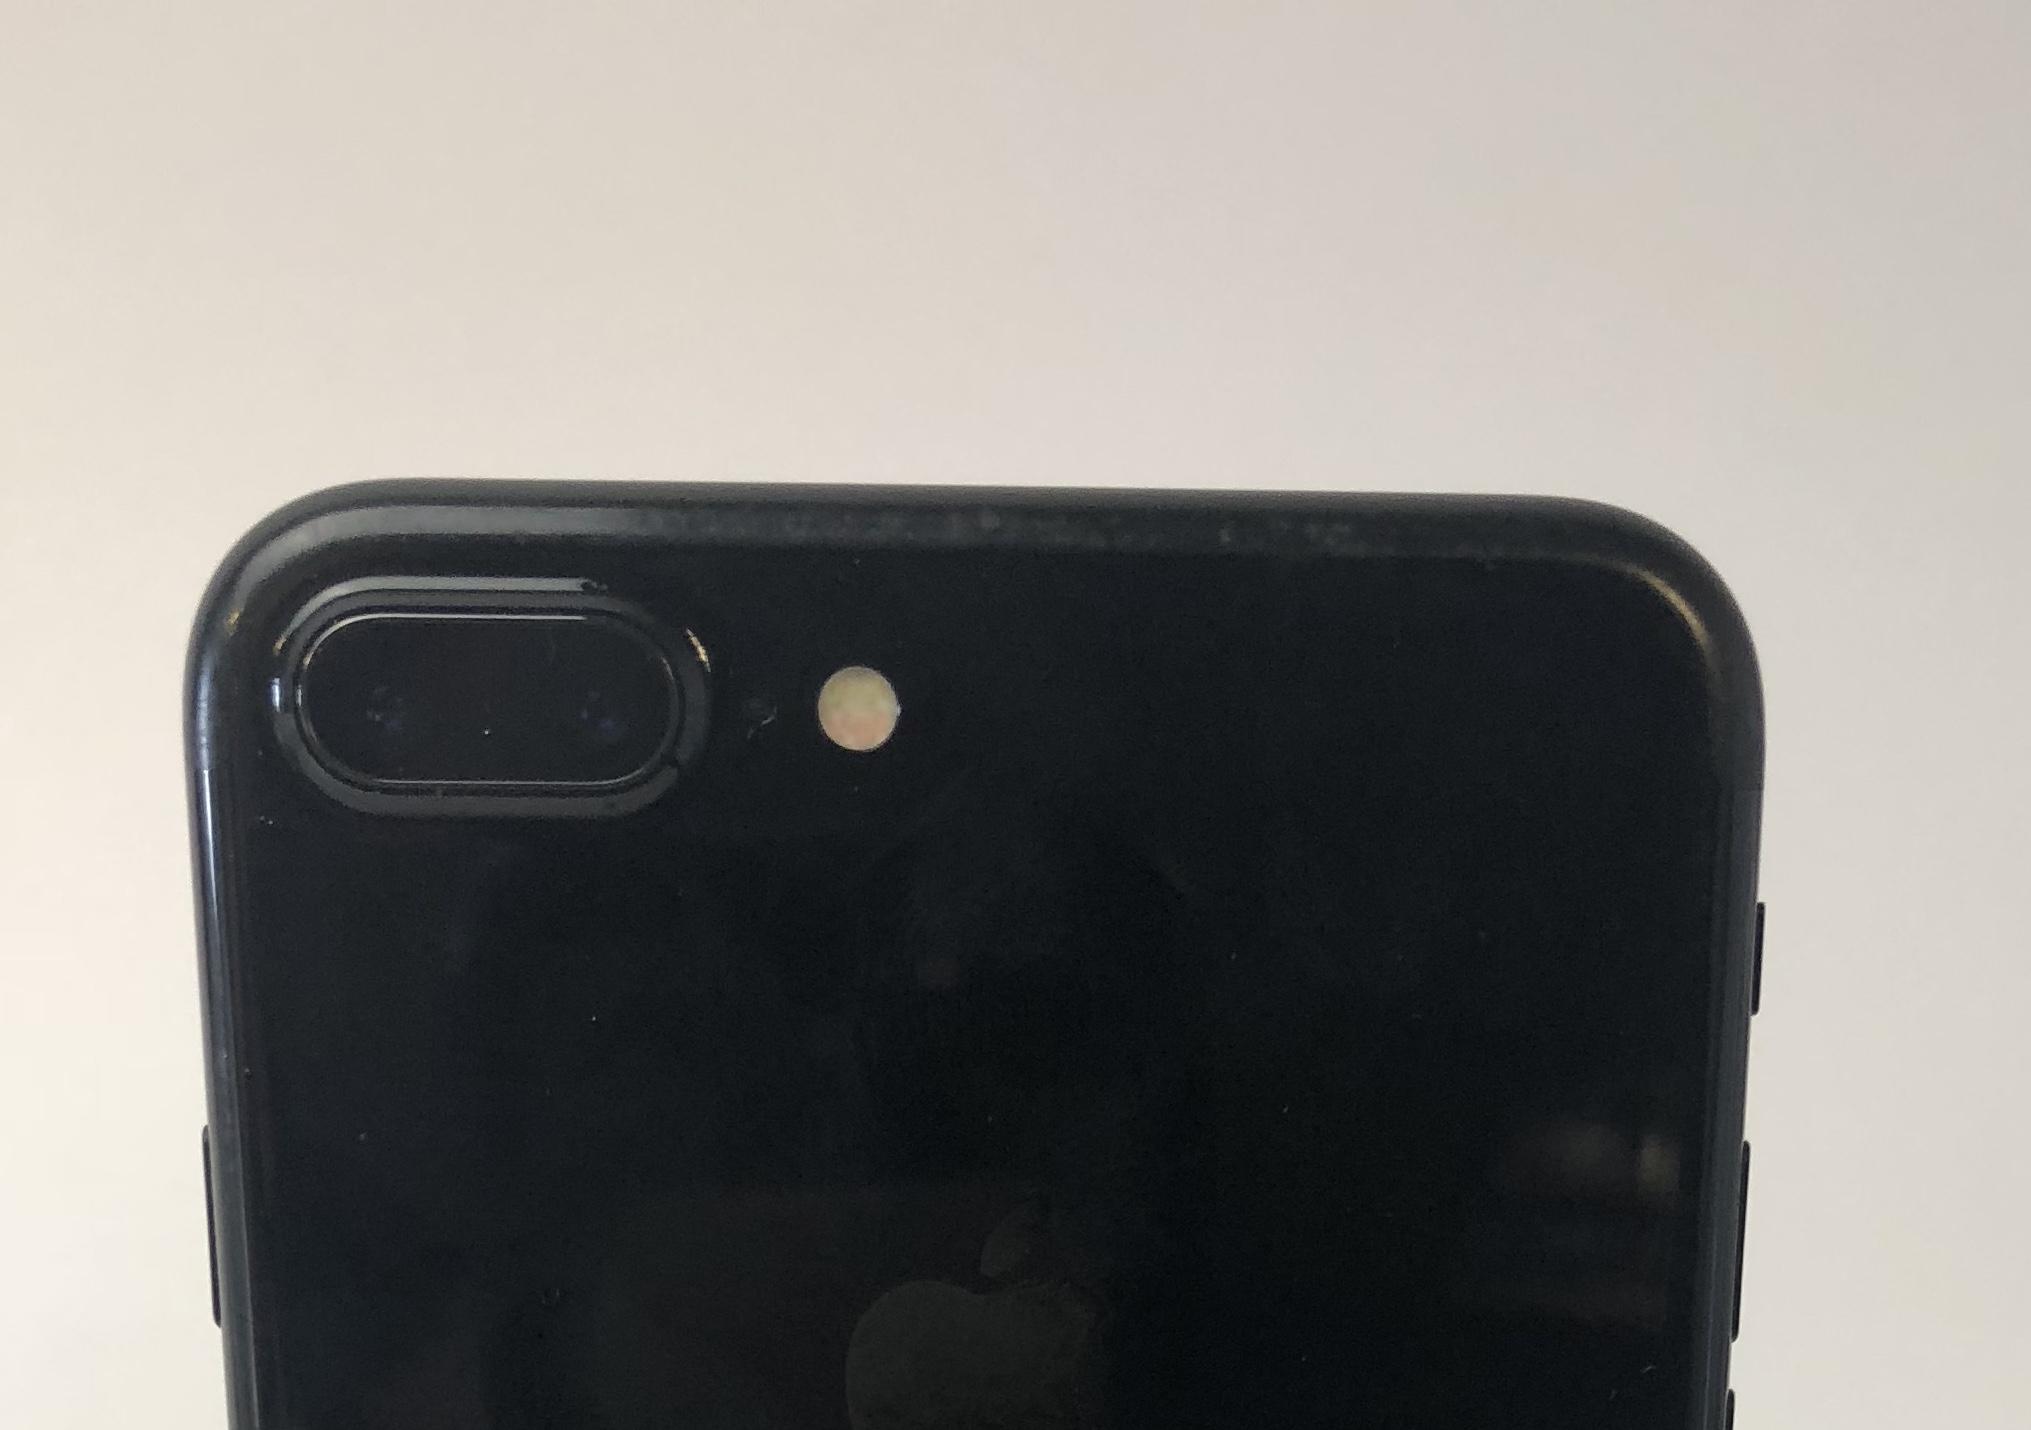 iPhone 7 Plus 256GB, 256 GB, Black, image 4